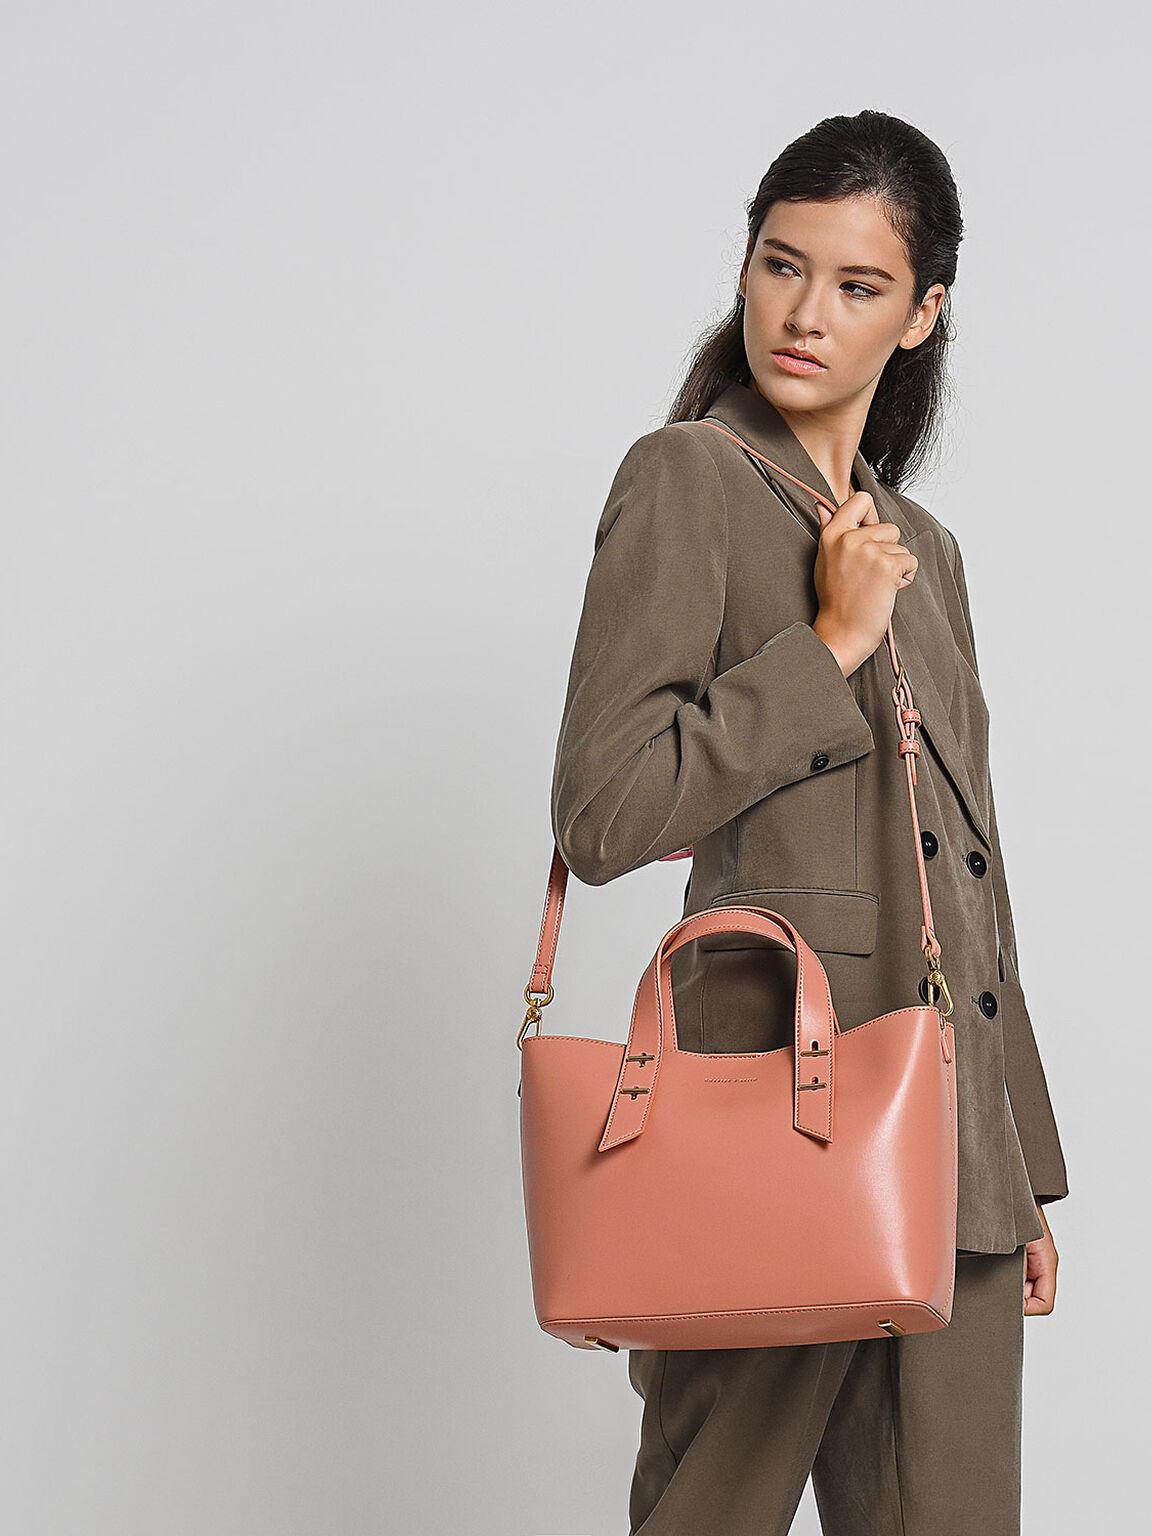 Embellished Slouchy Handbag, Blush, hi-res